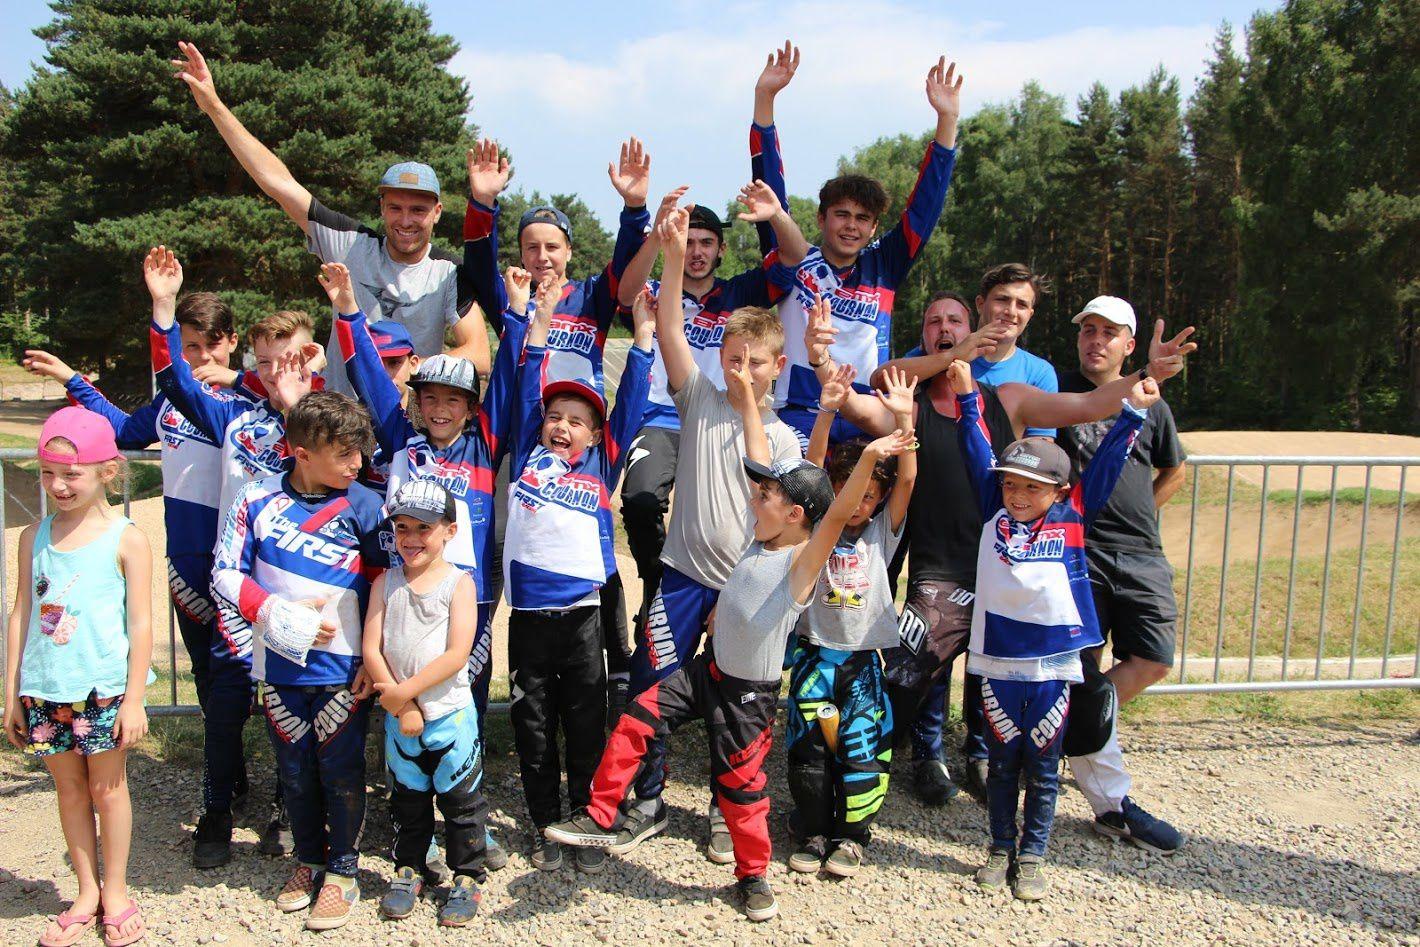 Résultats de la 5e manche de la Coupe d'Auvergne à Orcines : Gabin sur la première marche.